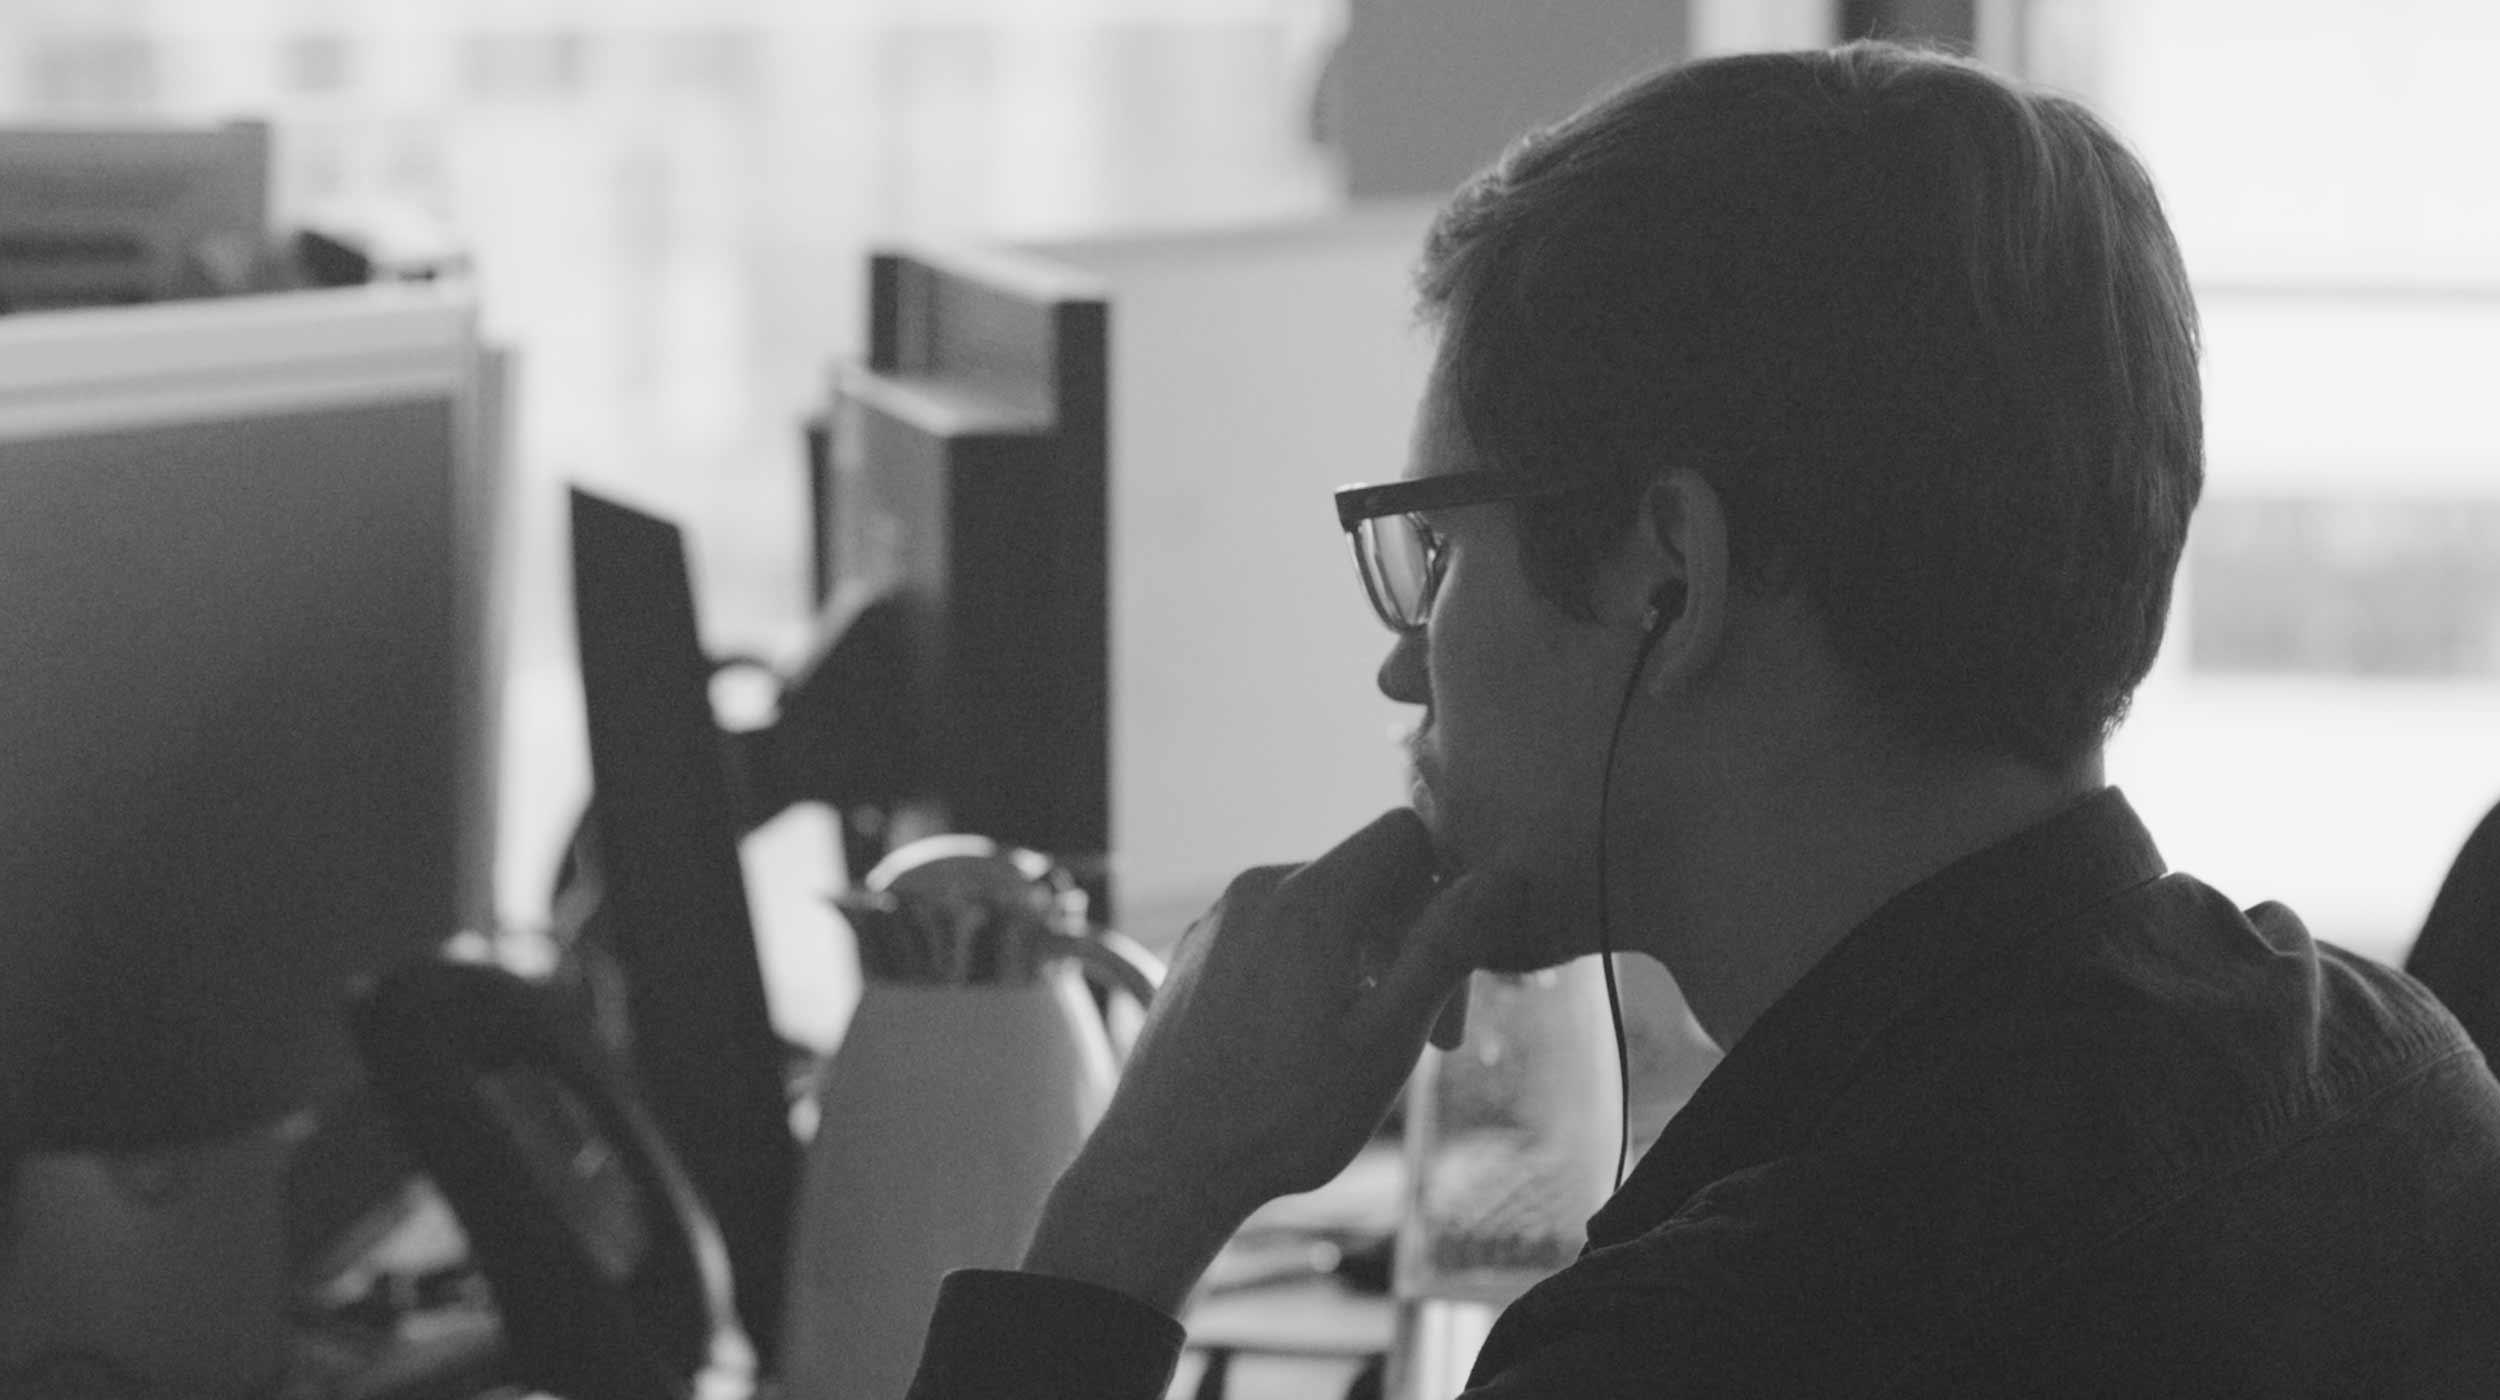 neiser filmproduktion set location editor post Produktion Vorbereitung crew team office düsseldorf